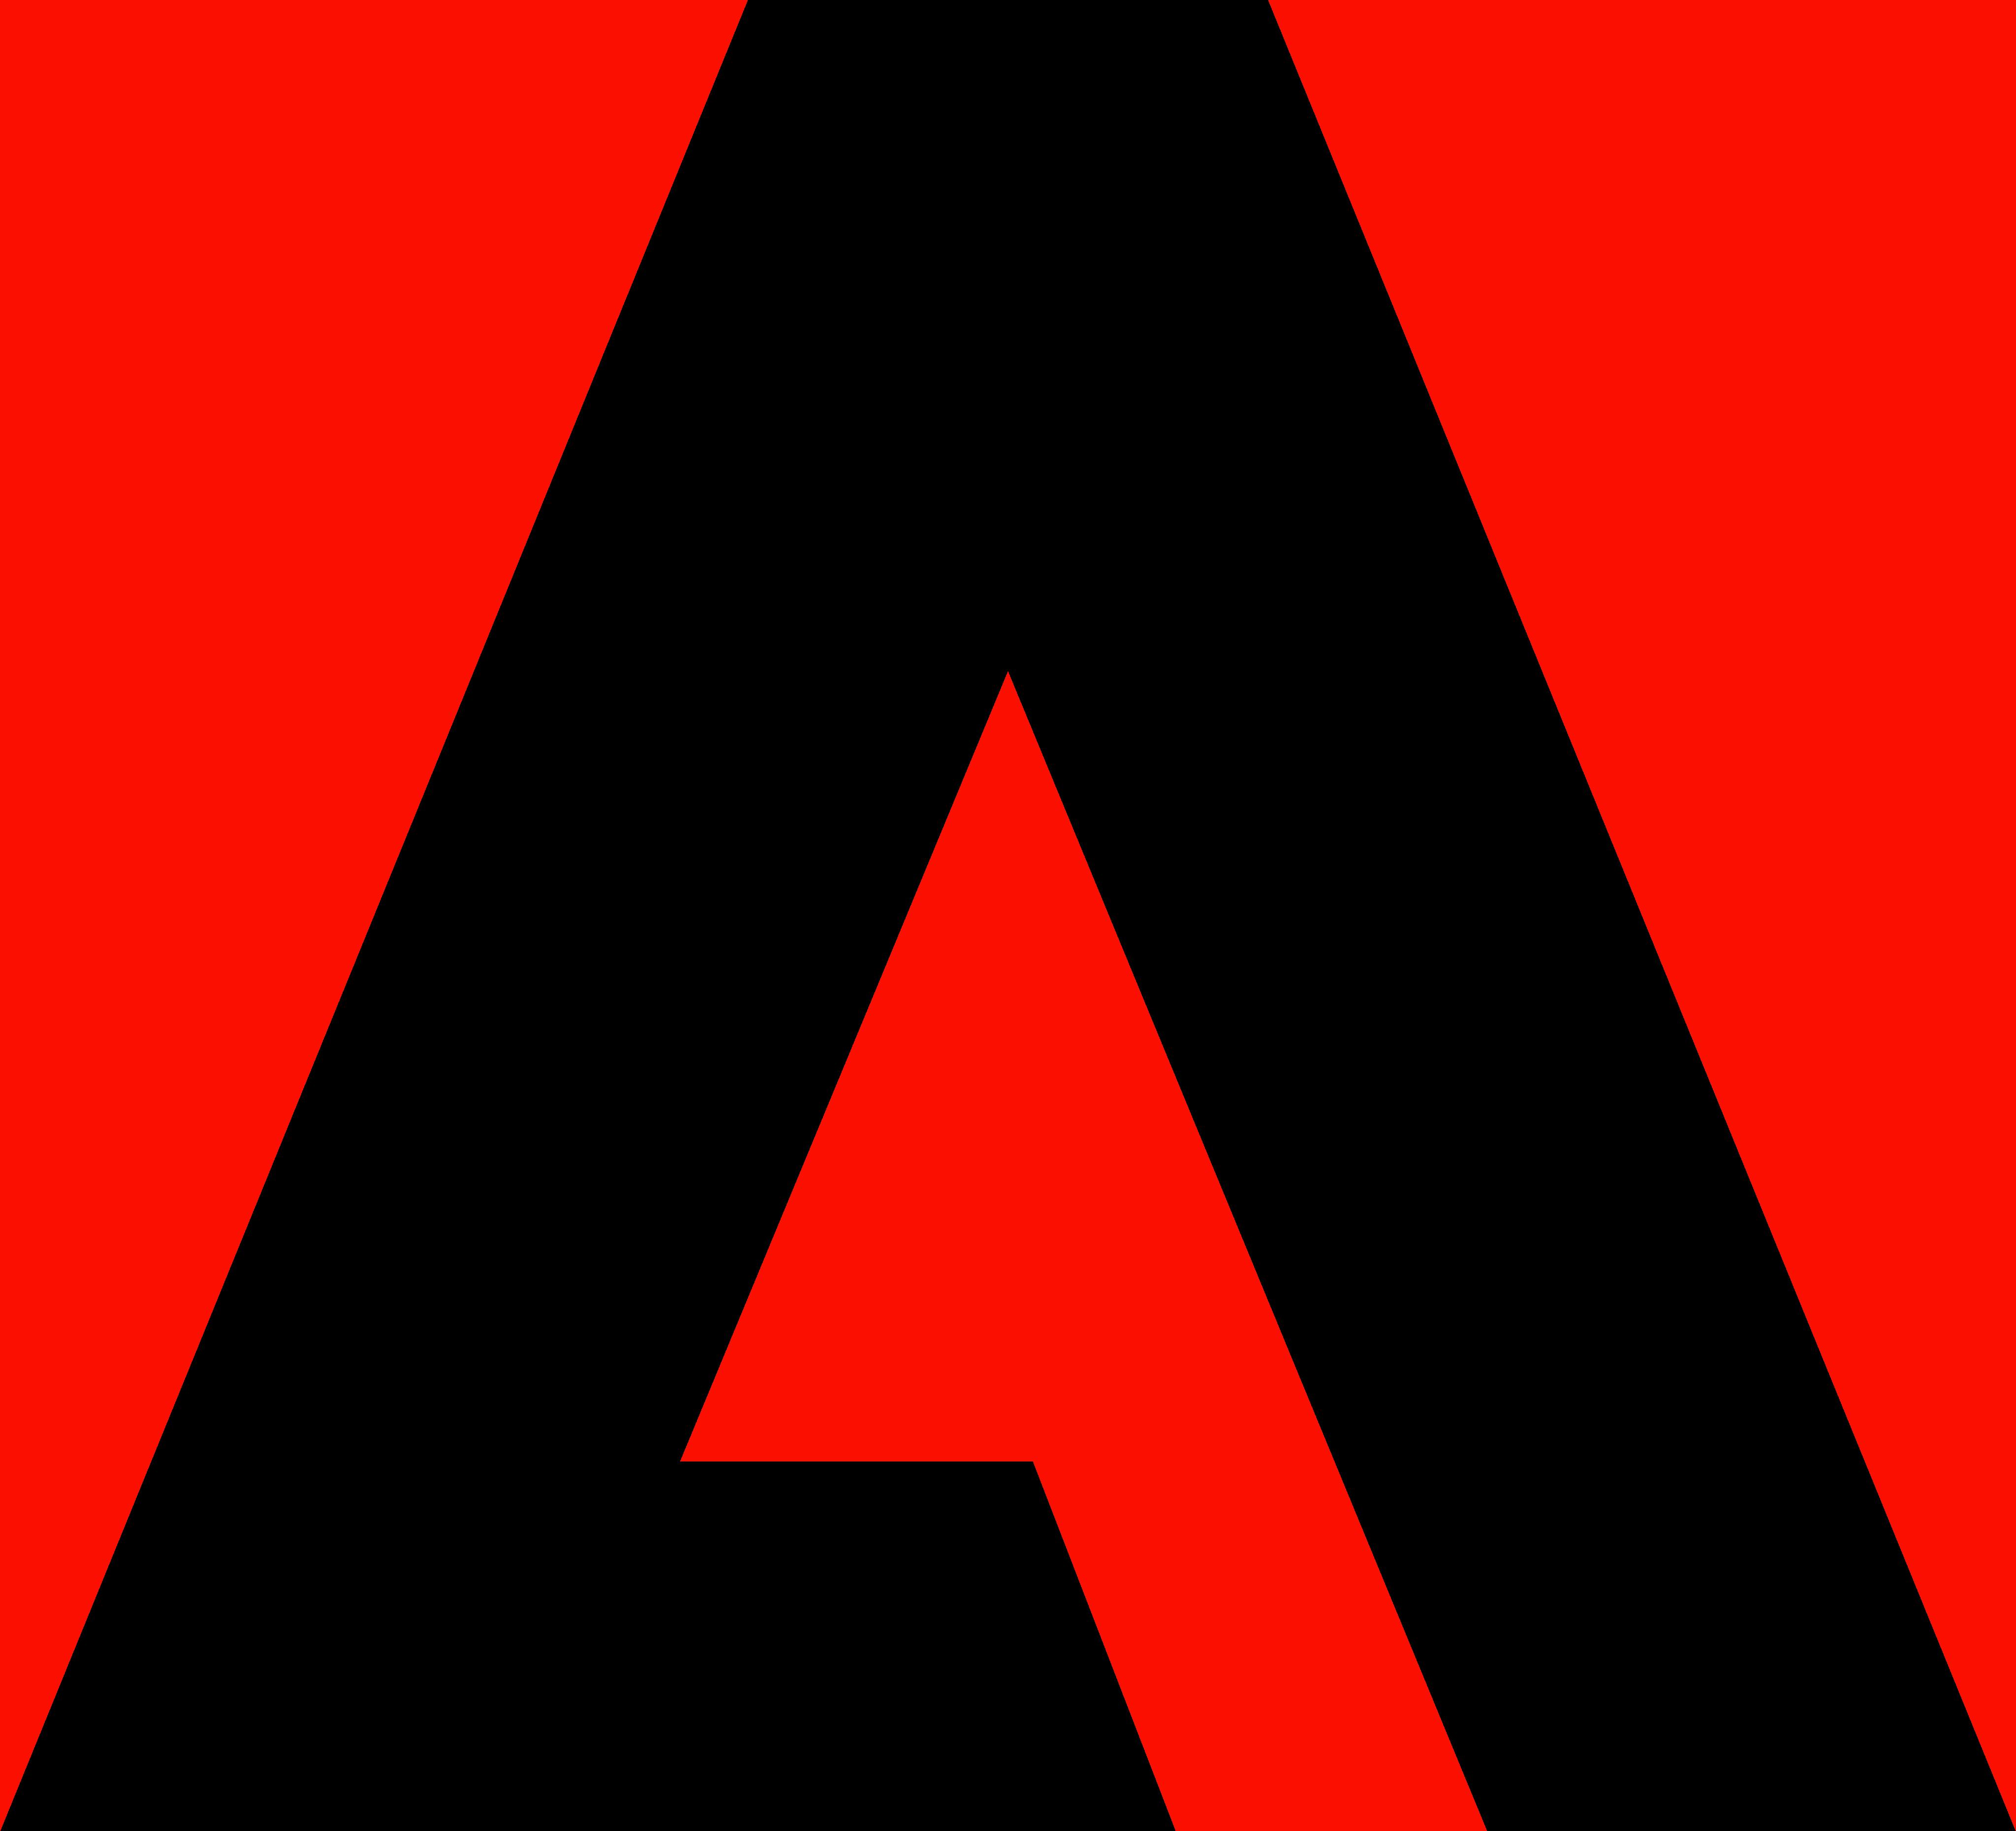 adobe logo 1 1 - Adobe Logo